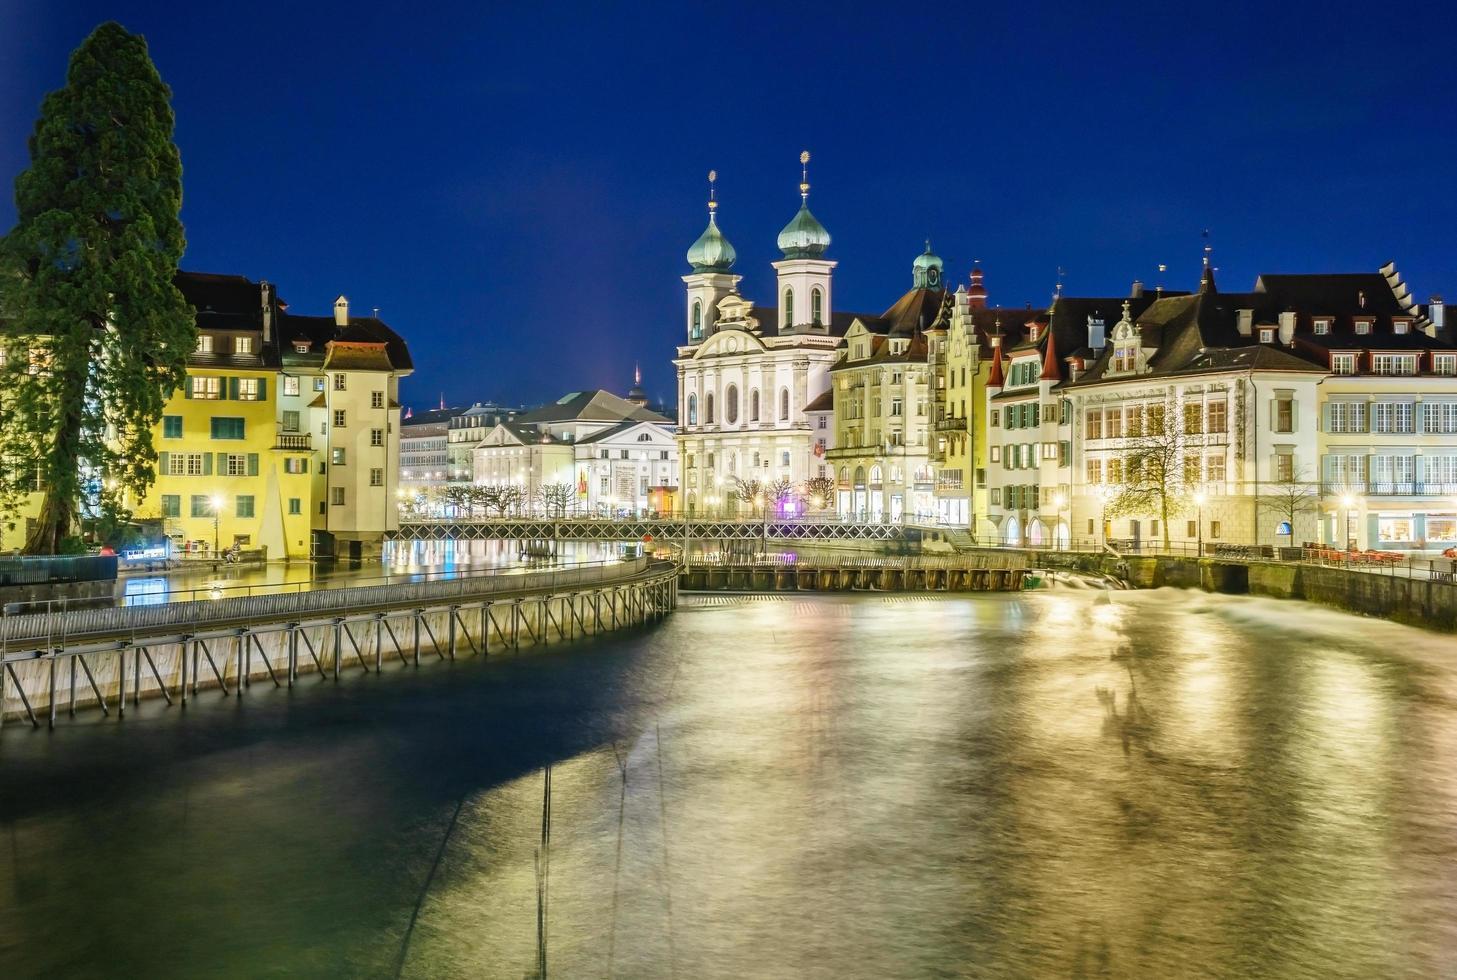 Blick auf das historische Stadtzentrum von Luzern, Schweiz foto